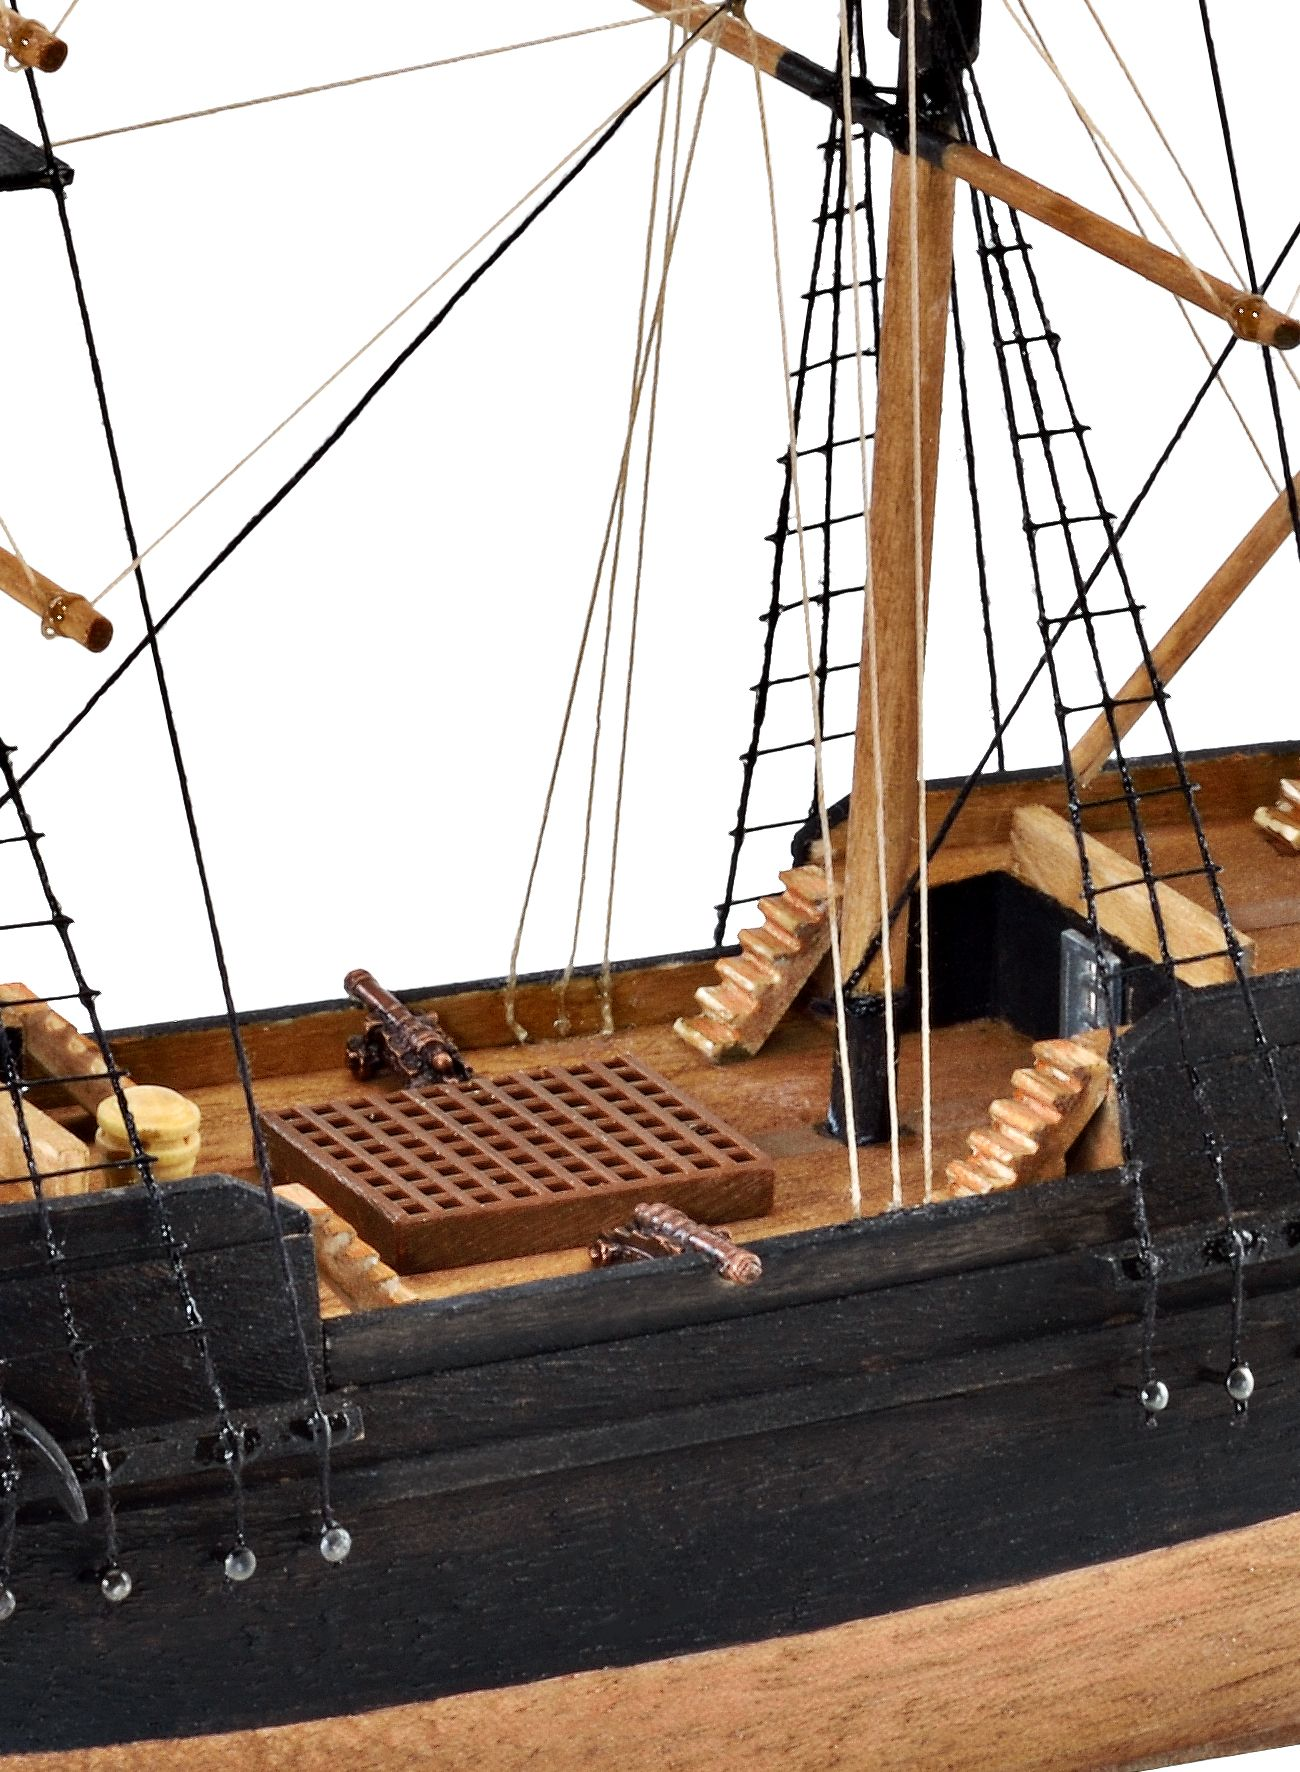 2507-14258-Pirate-Ship-Model-Boat-Kit-60001